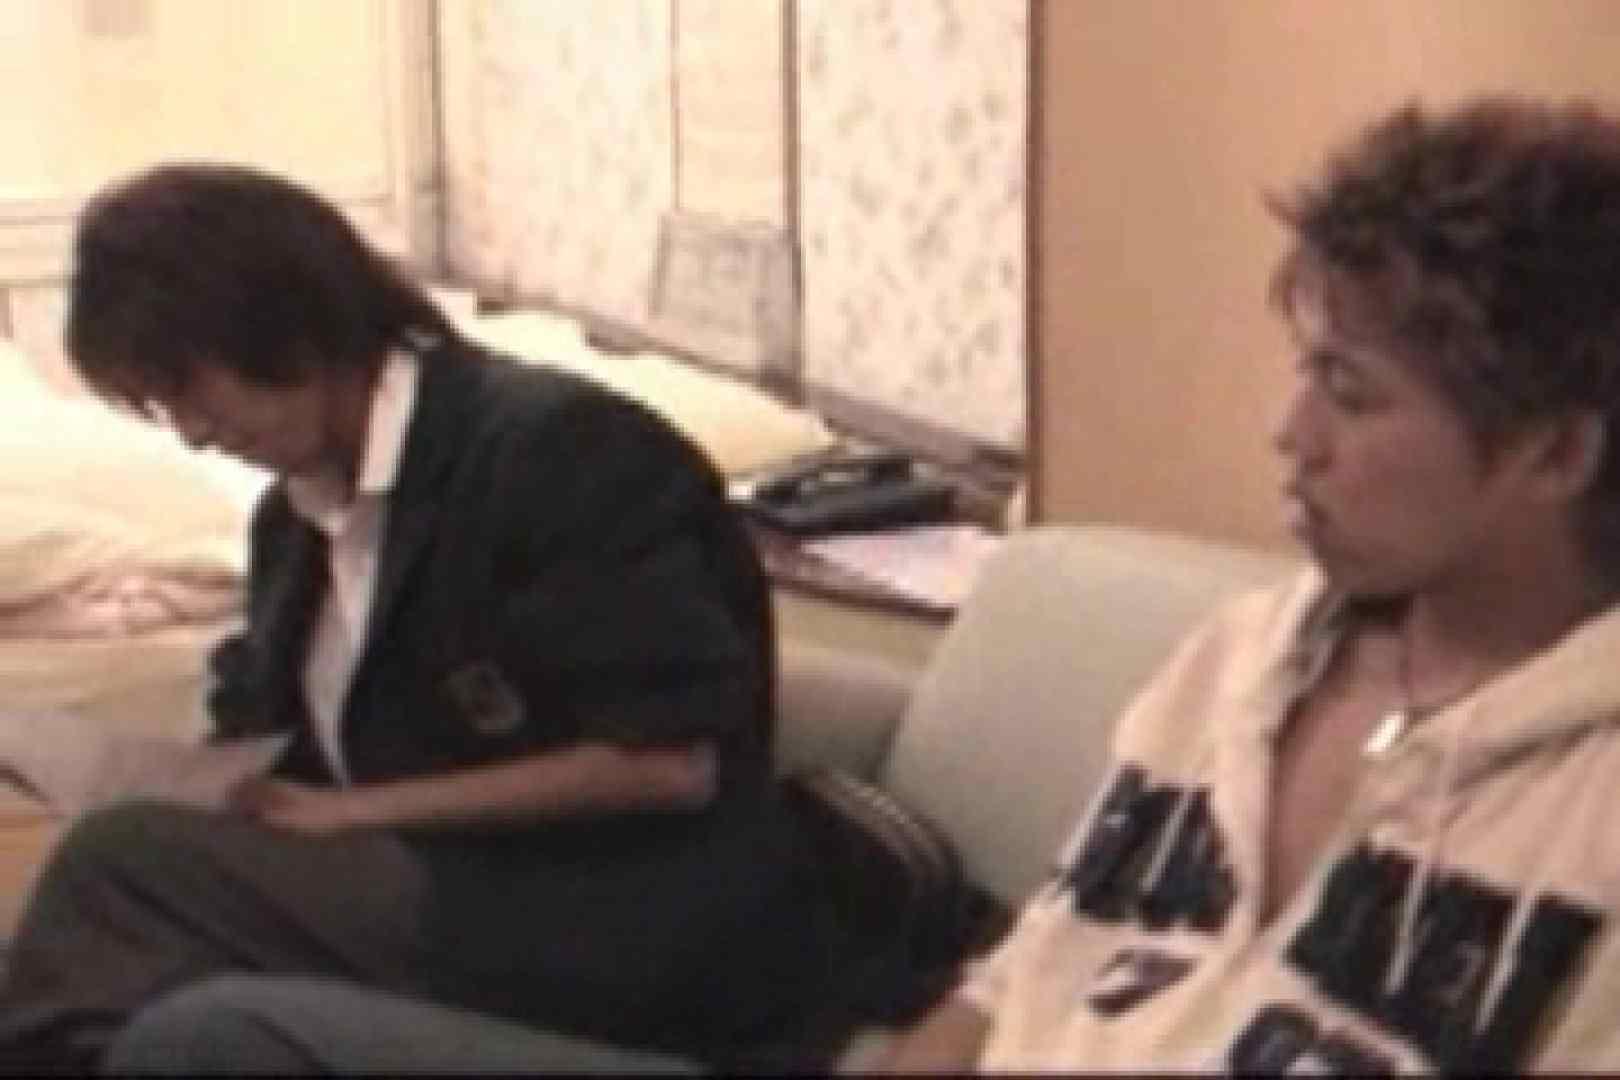 【流出】ジャニ系イケメン!!フライング&アナルが痛くて出来ません!! 生入最高 ゲイ無料エロ画像 83枚 71